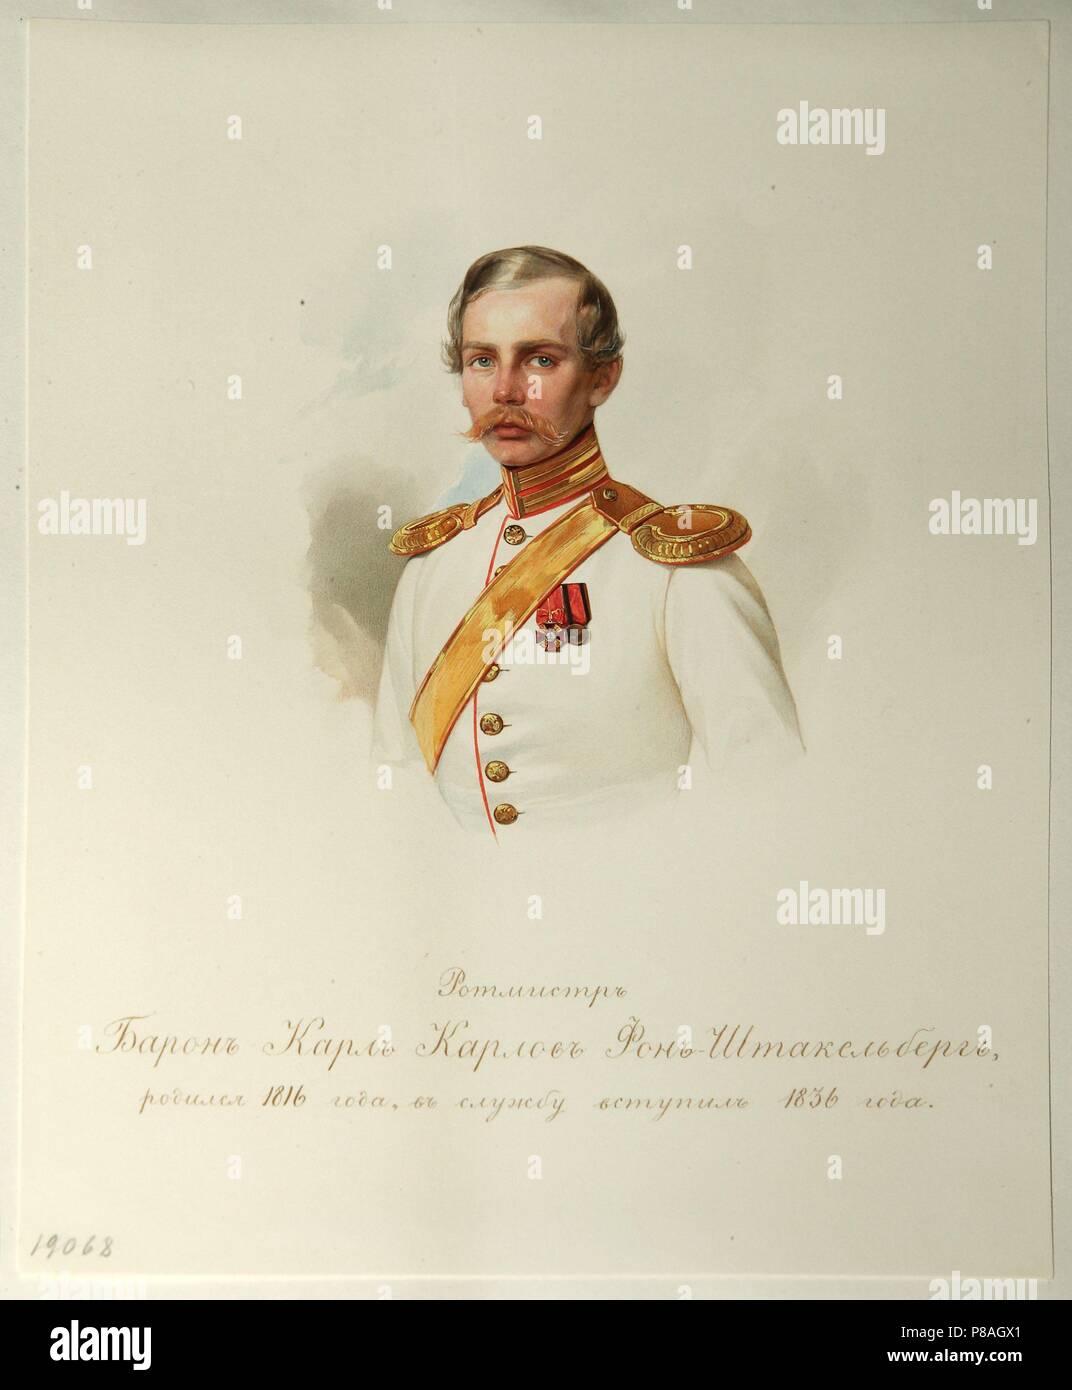 Portrait von Baron Karl Karlovich von Stackelberg (1816-1887) (Aus dem Album der Kaiserlichen Horse Guards). Museum: Institut für russische Literatur (Pushkin-House IRLI), St. Petersburg. Stockfoto